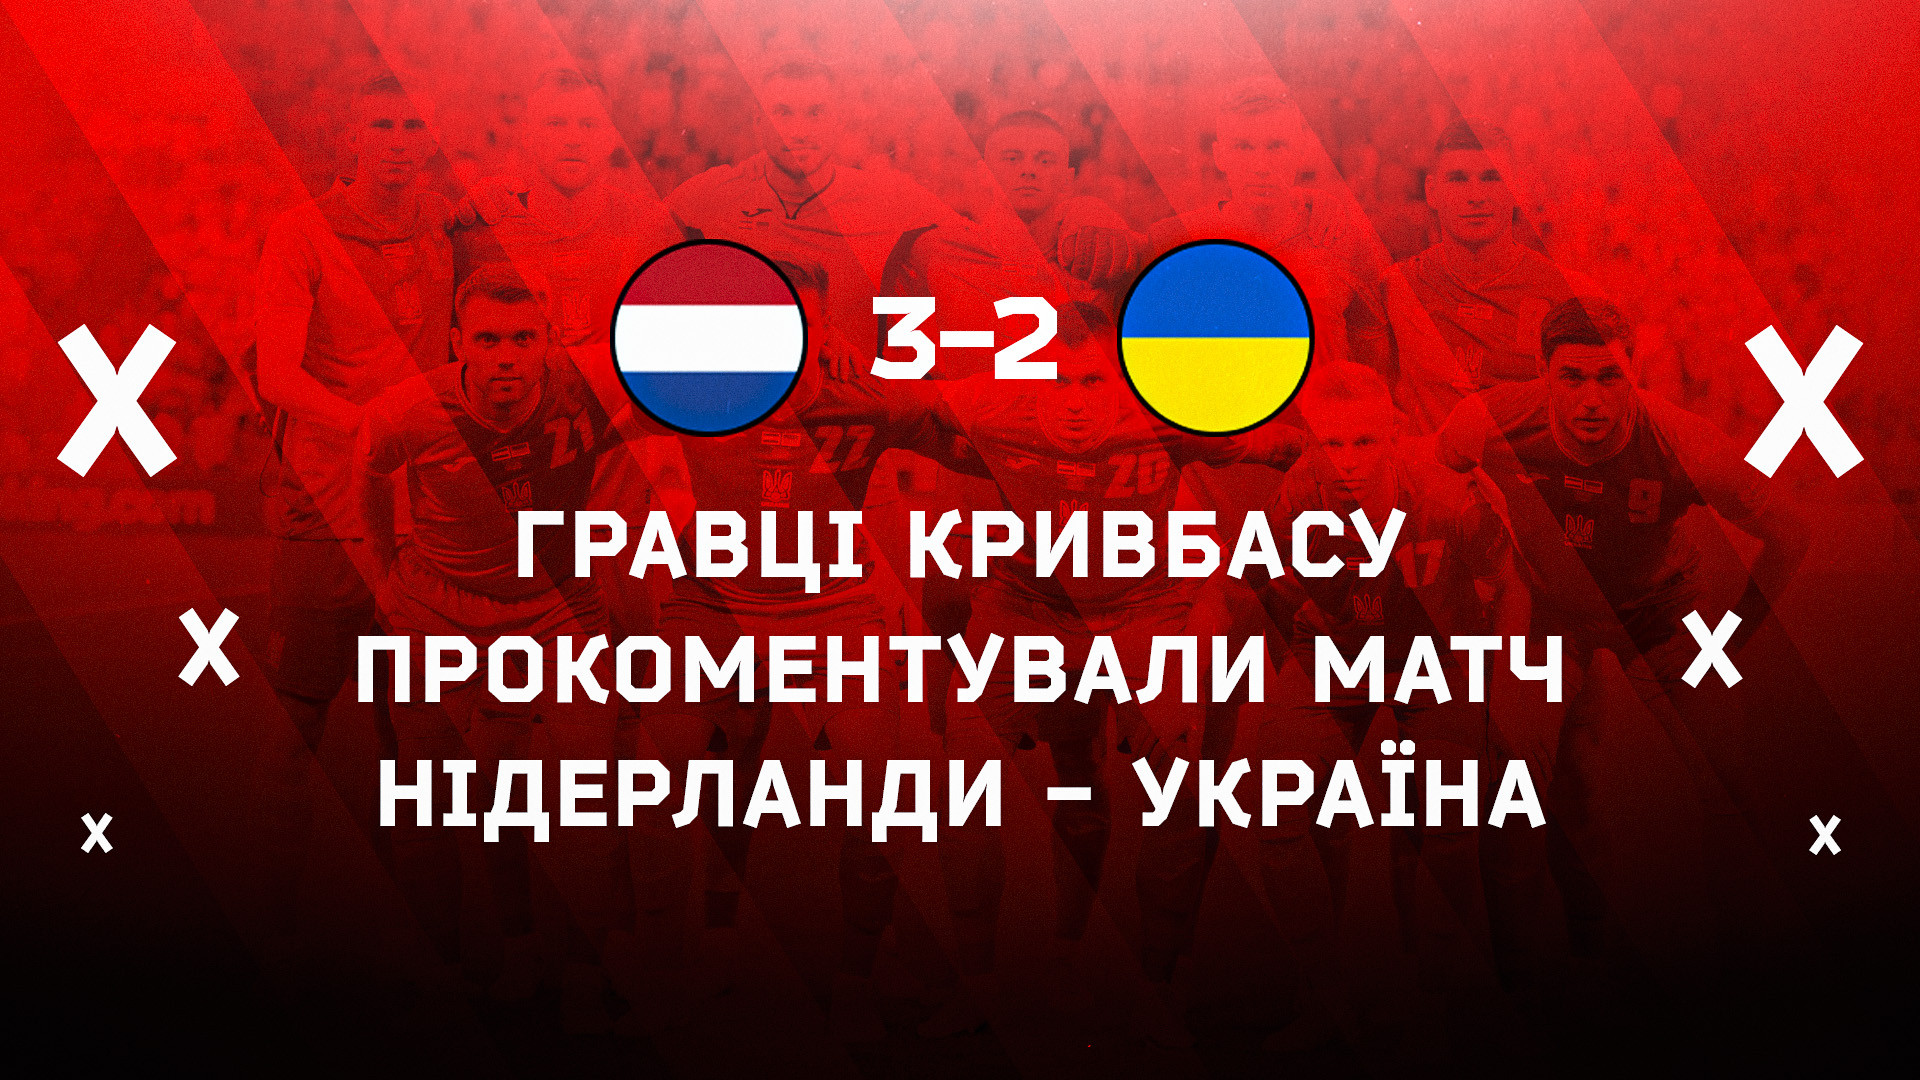 """Нідерланди - Україна: гравці """"Кривбасу"""" прокоментували матч}"""